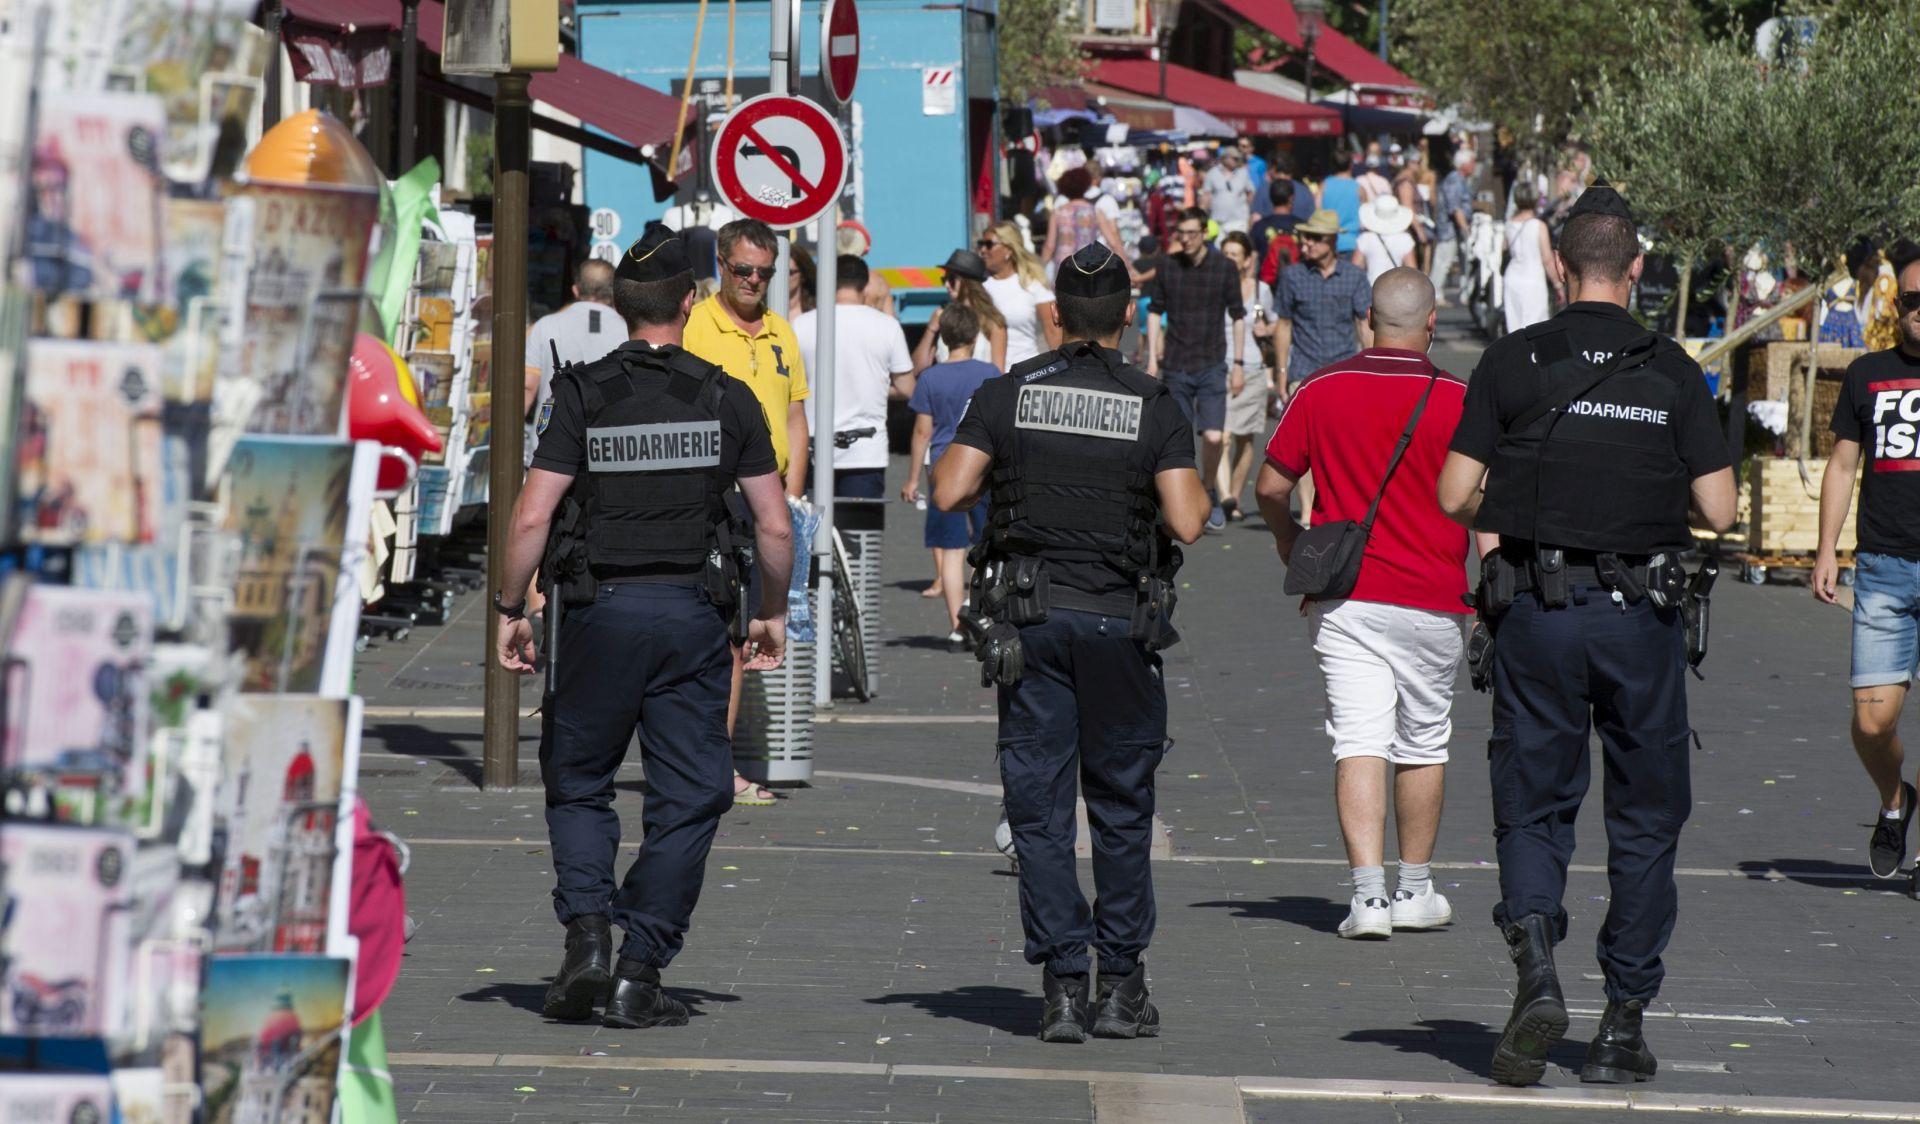 BROJ SE POVEĆAVA: Privedeno još osam osoba u vezi s napadom u Nici